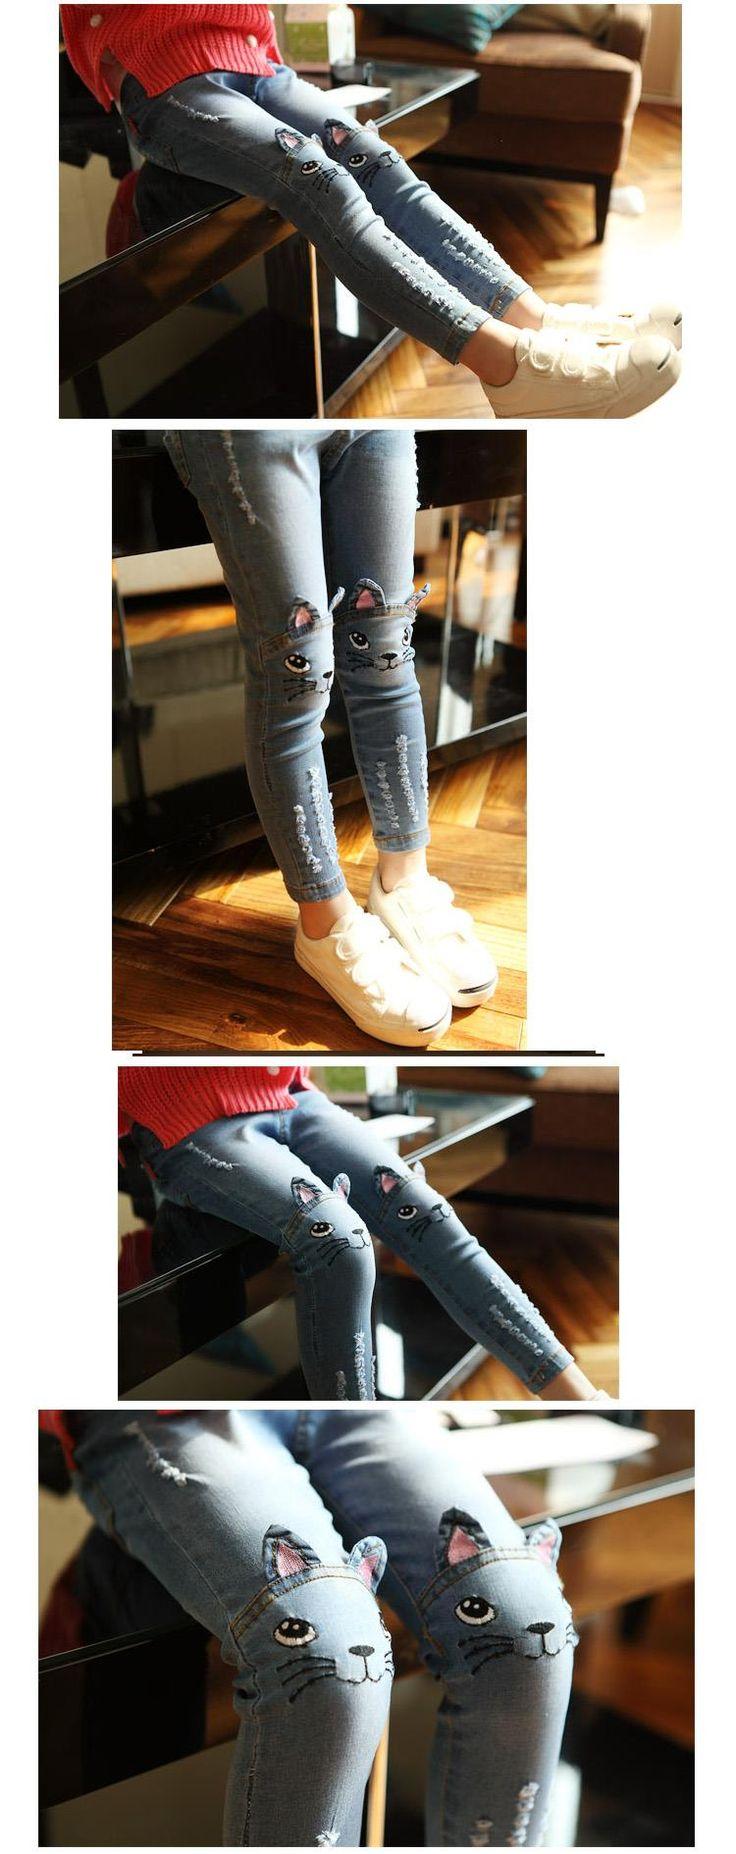 Весна осень 2016 стерео кошка джинсы для девочек дети рваные джинсы модные джинсы для подростков девушка джинсы купить на AliExpress